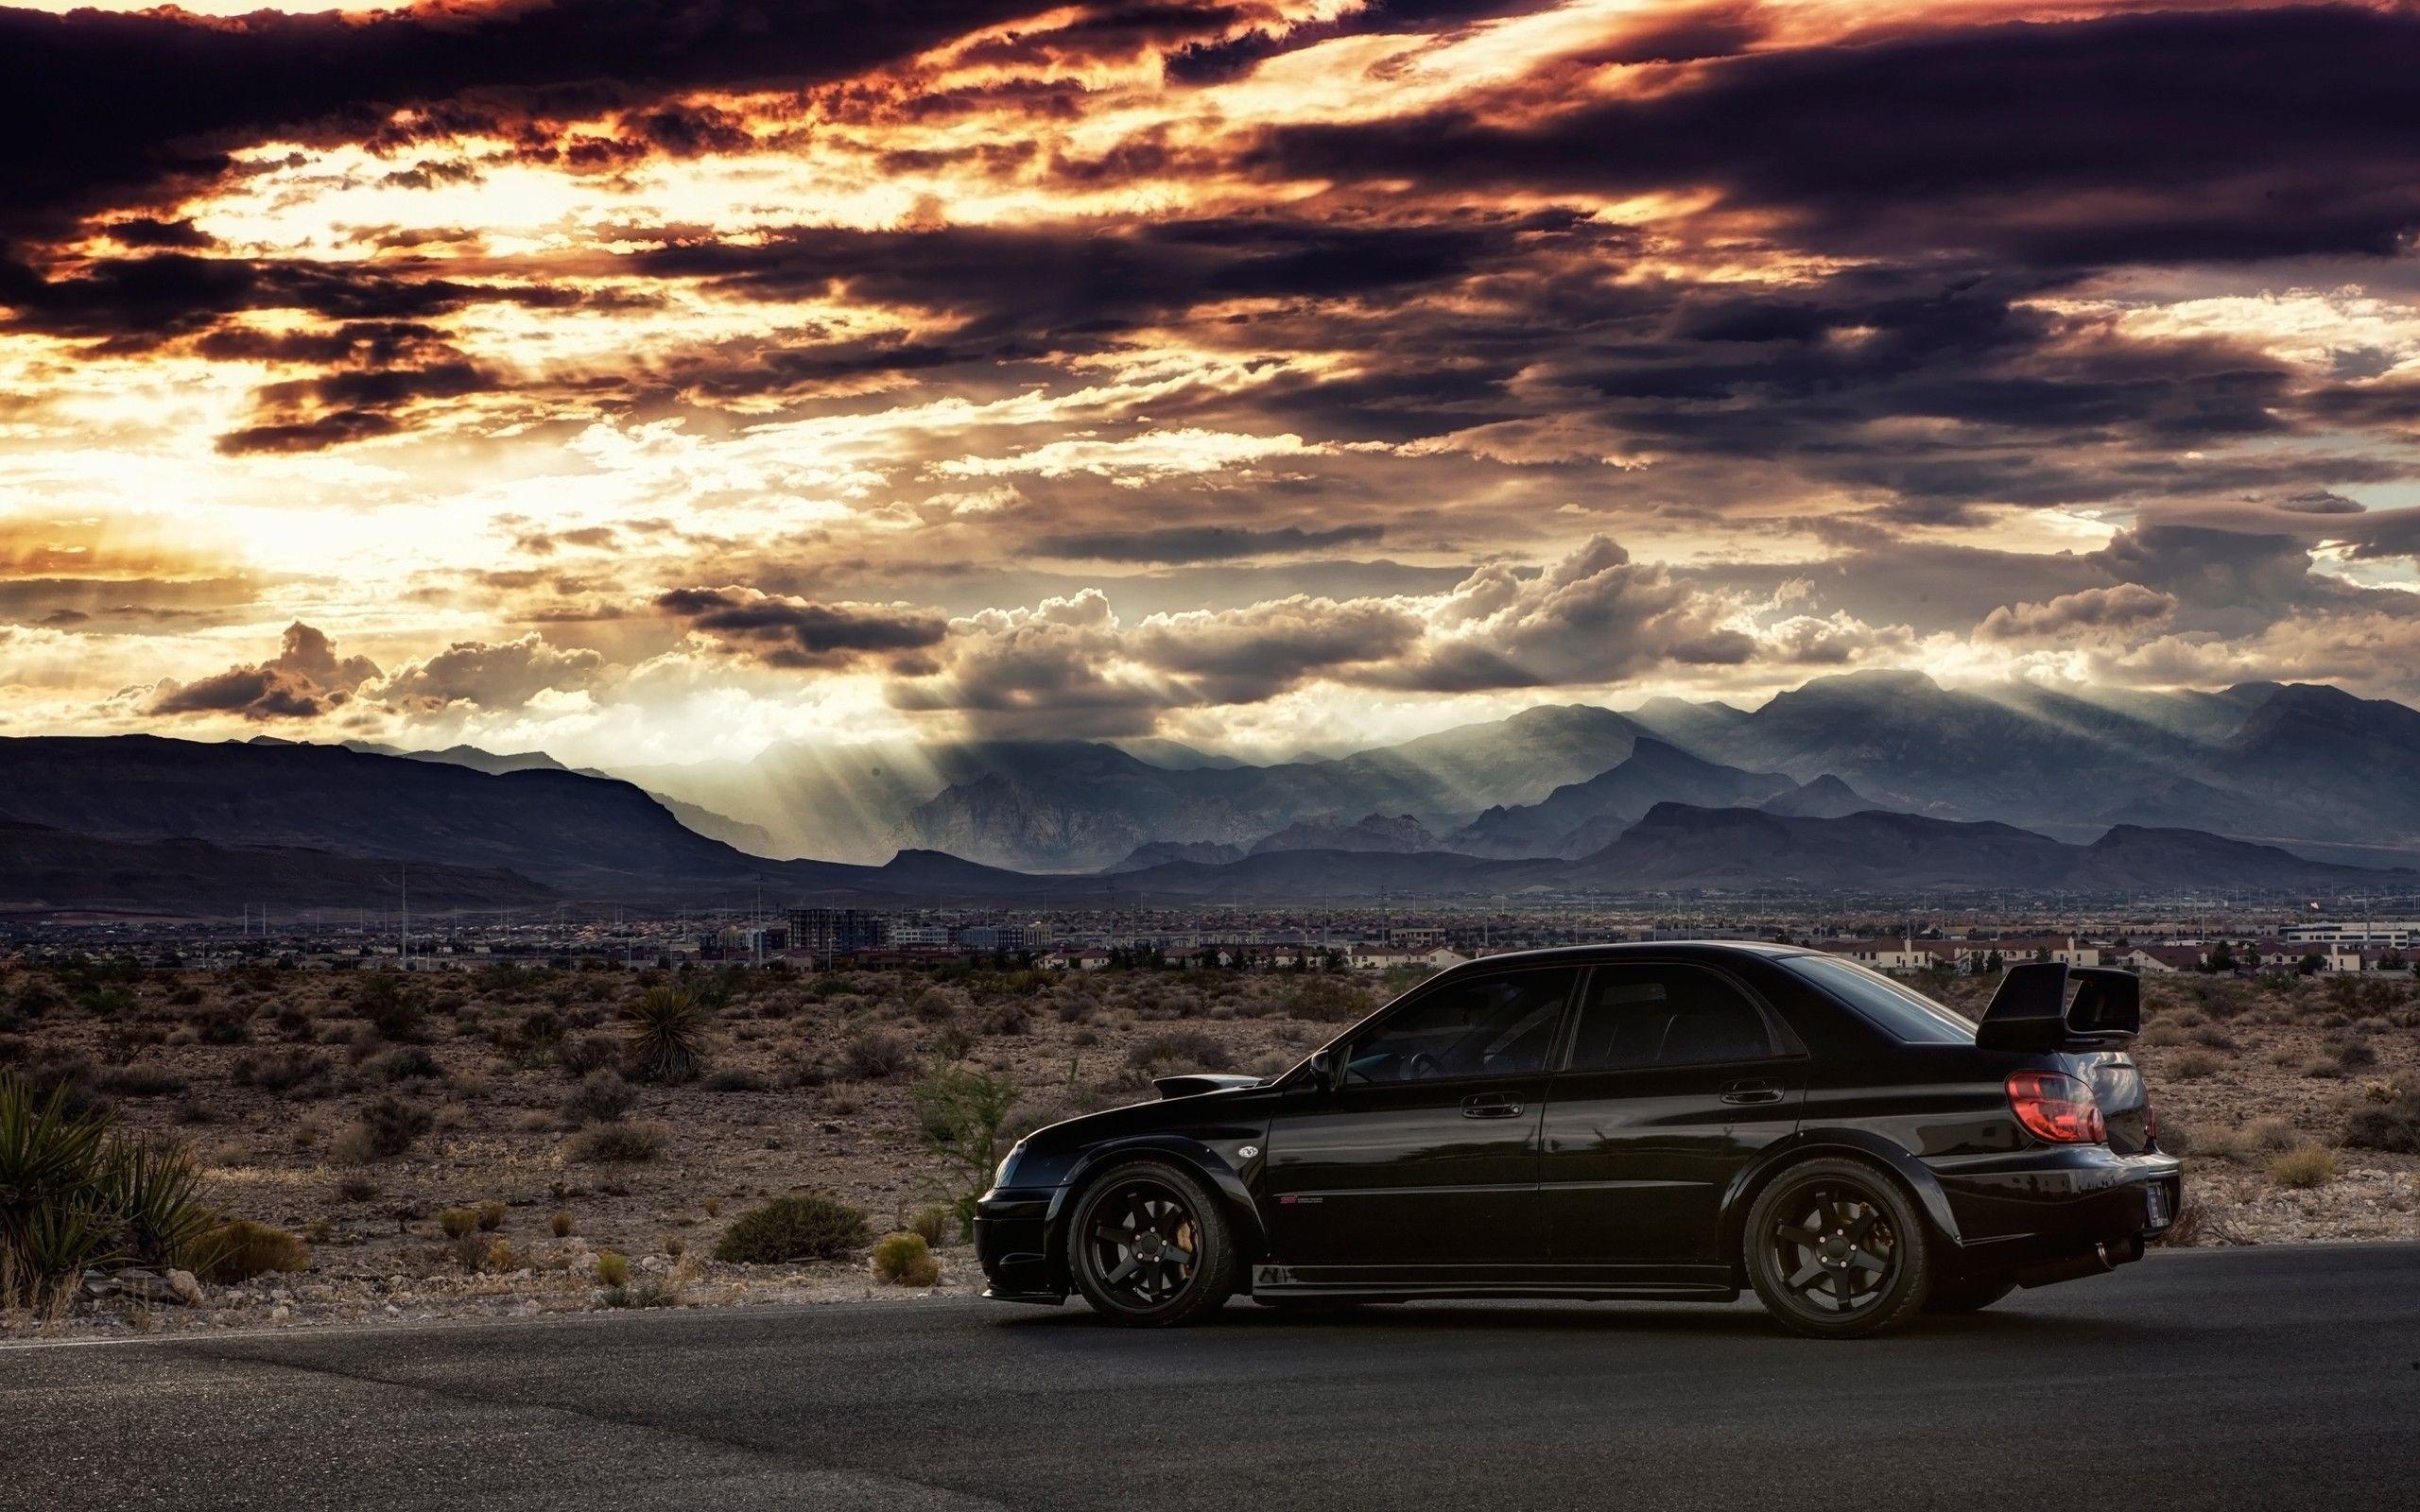 Sti Hd Wallpapers Subaru Wrx Wrx Subaru Impreza Hd wallpaper subaru black car road